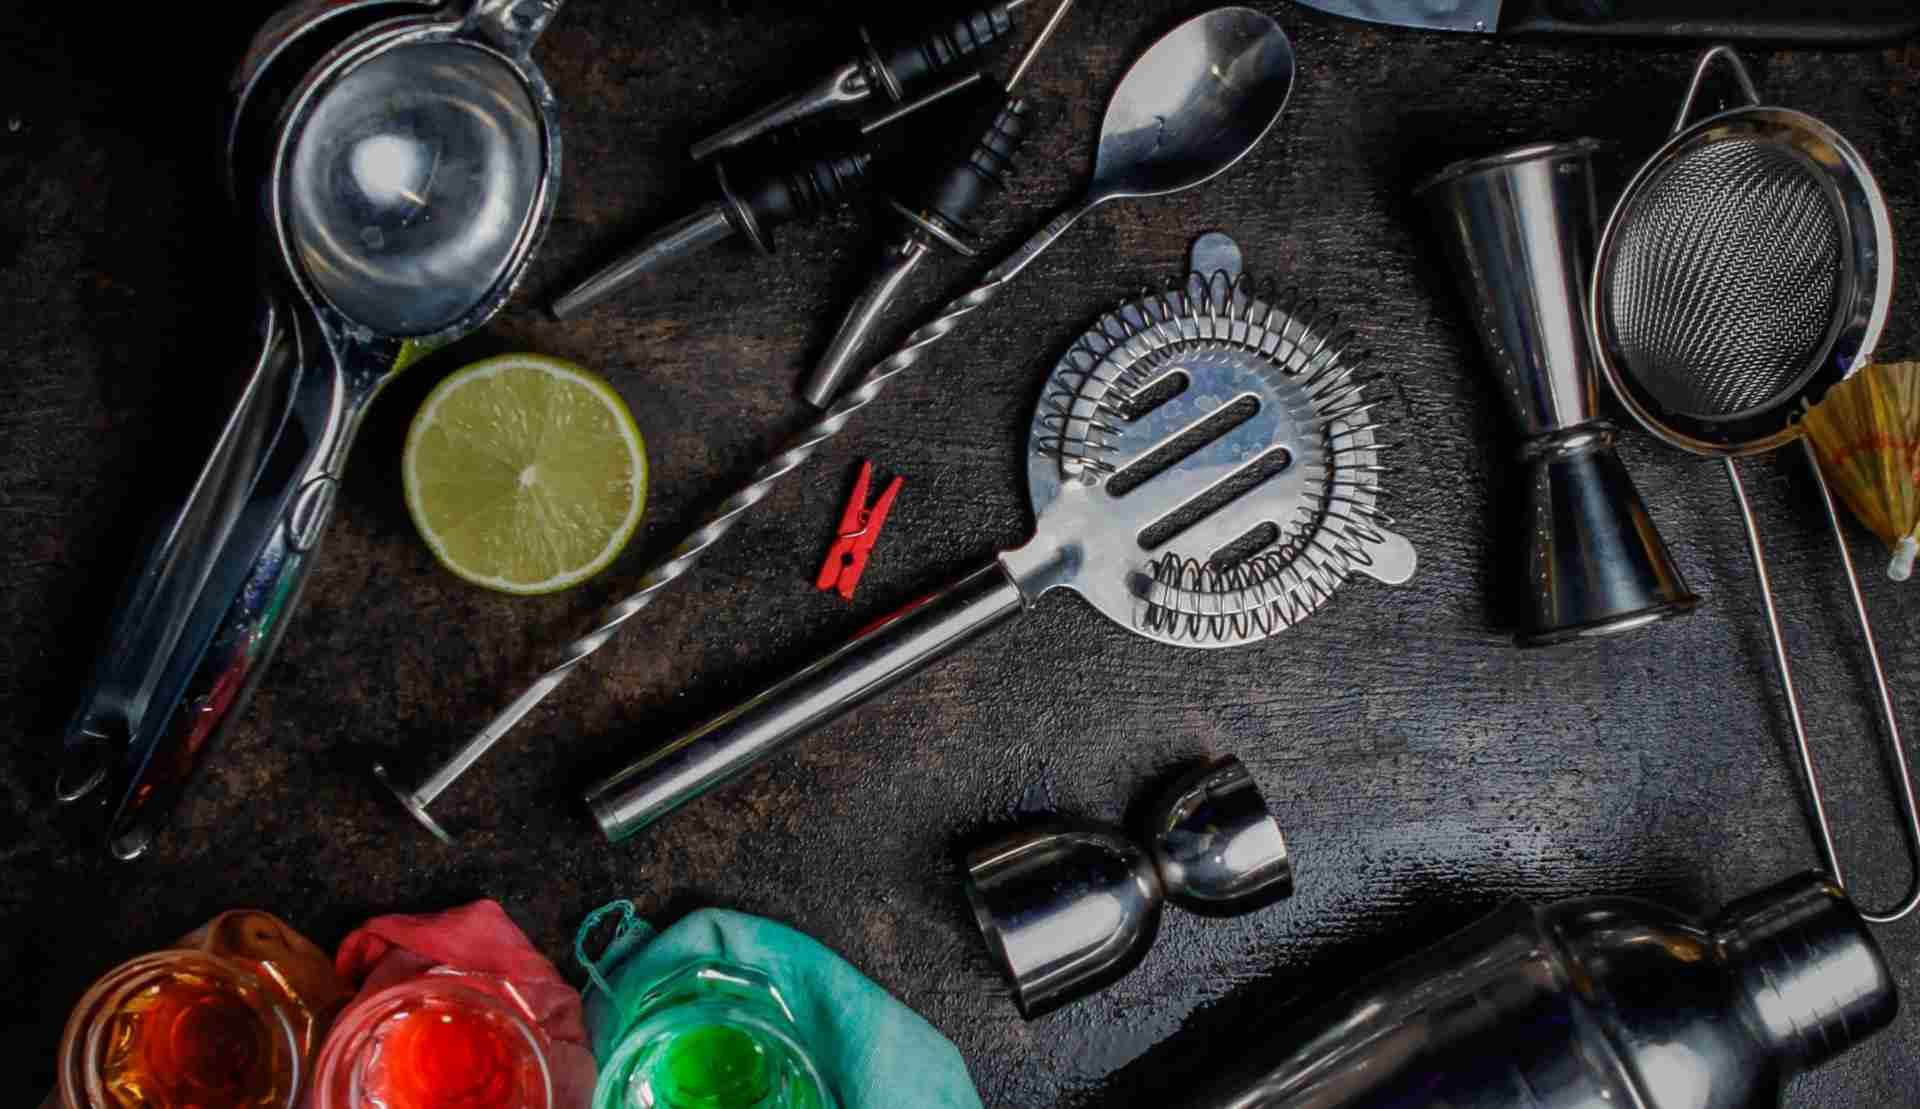 Utensilios de coctelería lista básica de herramientas y materiales para hacer cocteles como un auténtico bartender